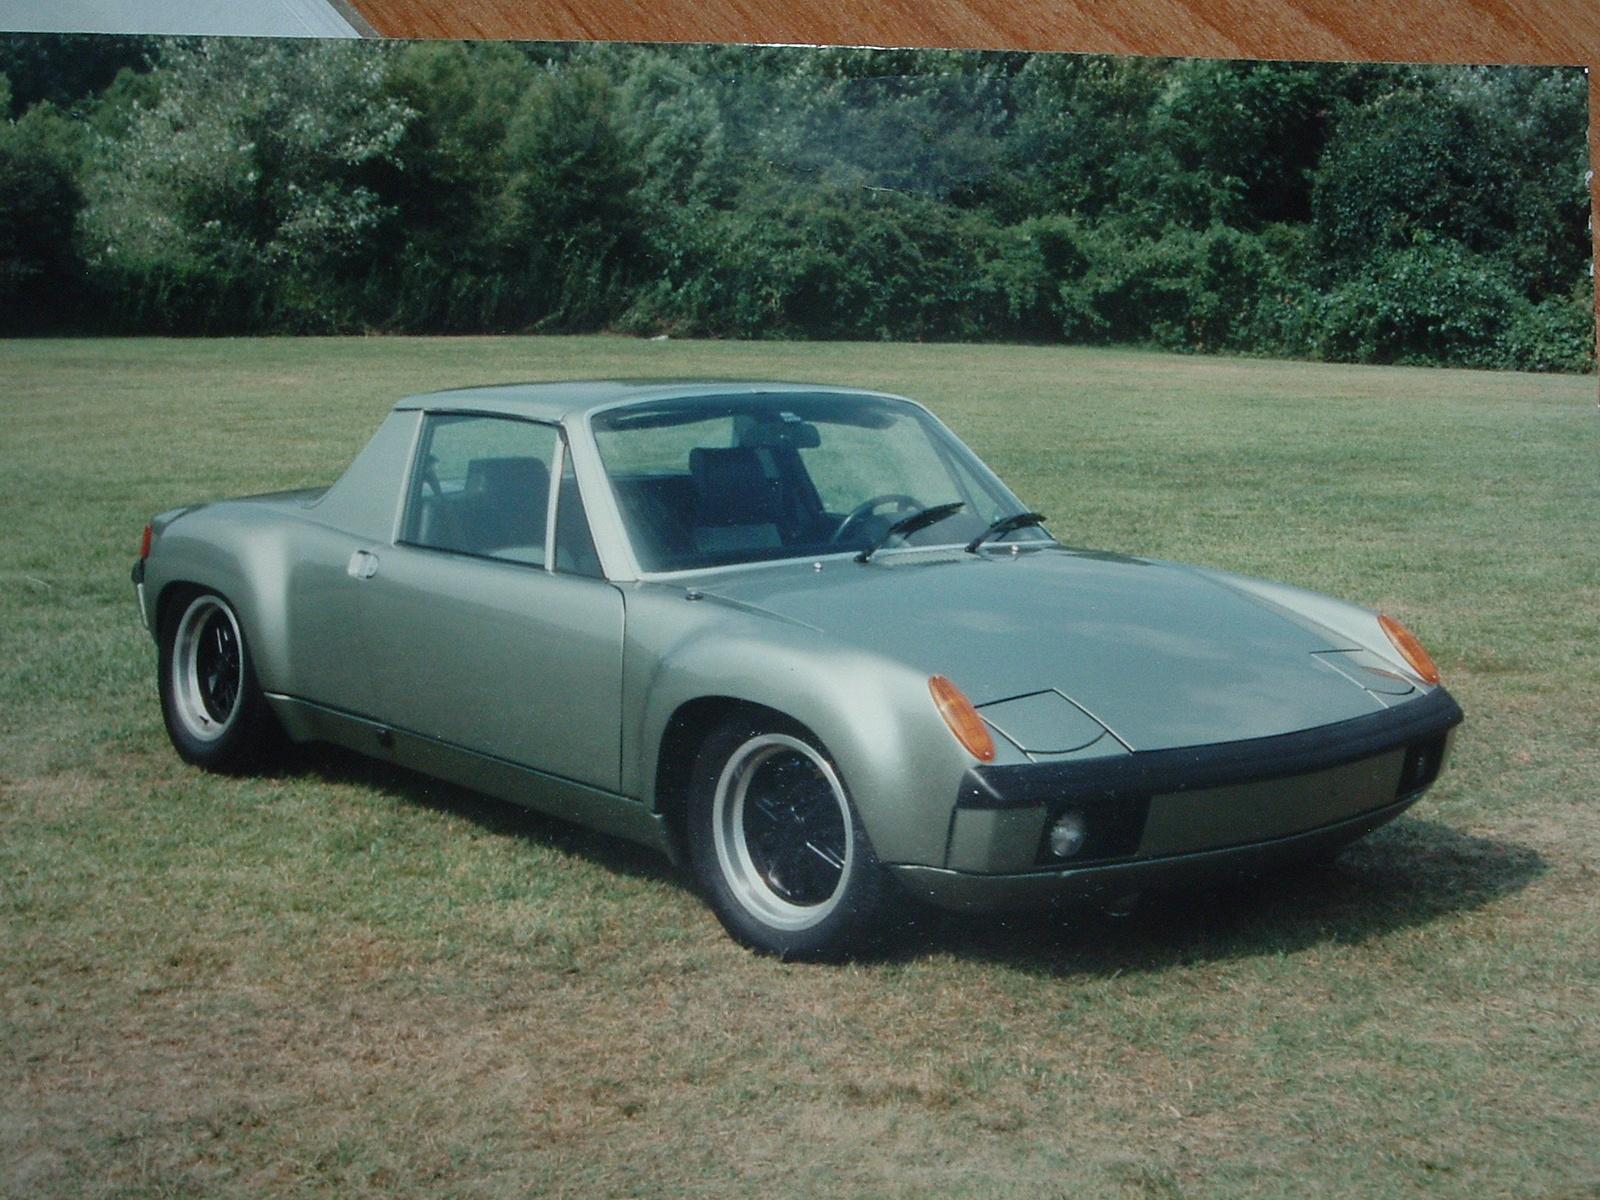 Porsche 928 interior porsche 928 interior 1 - 1970 Porsche 914 Pictures Cargurus